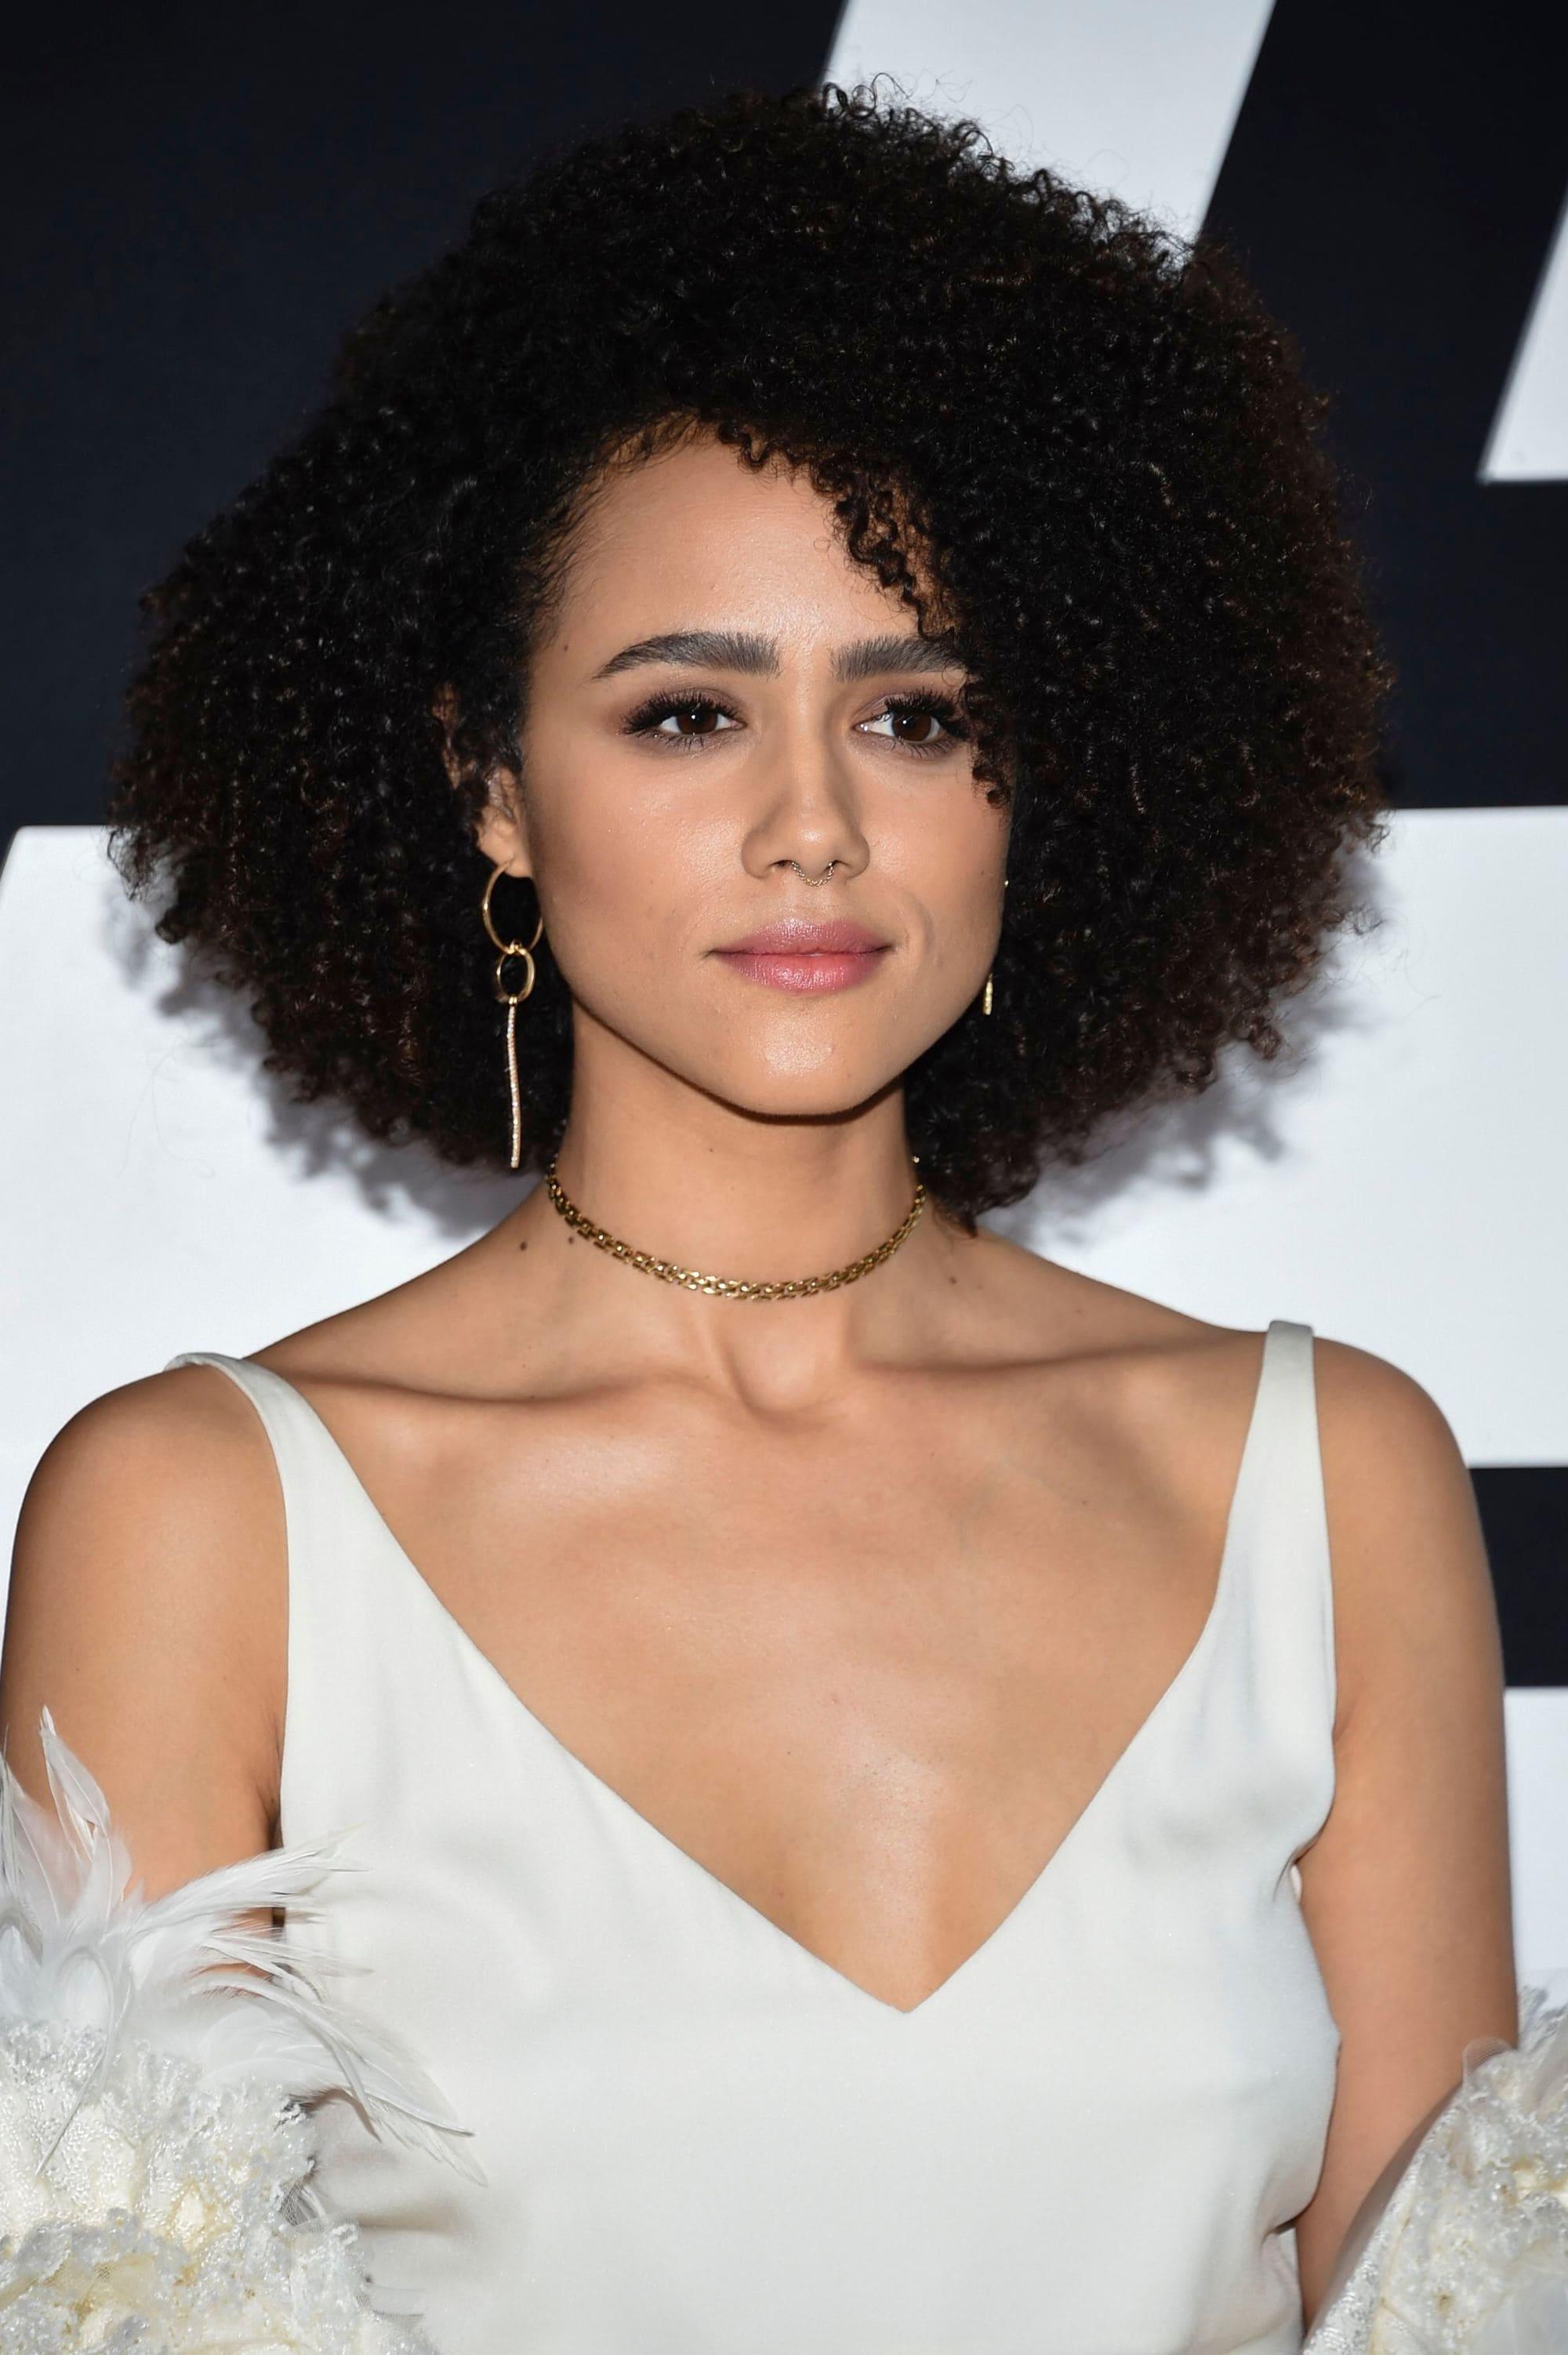 Nathalie Emmanuel with curly brown hair